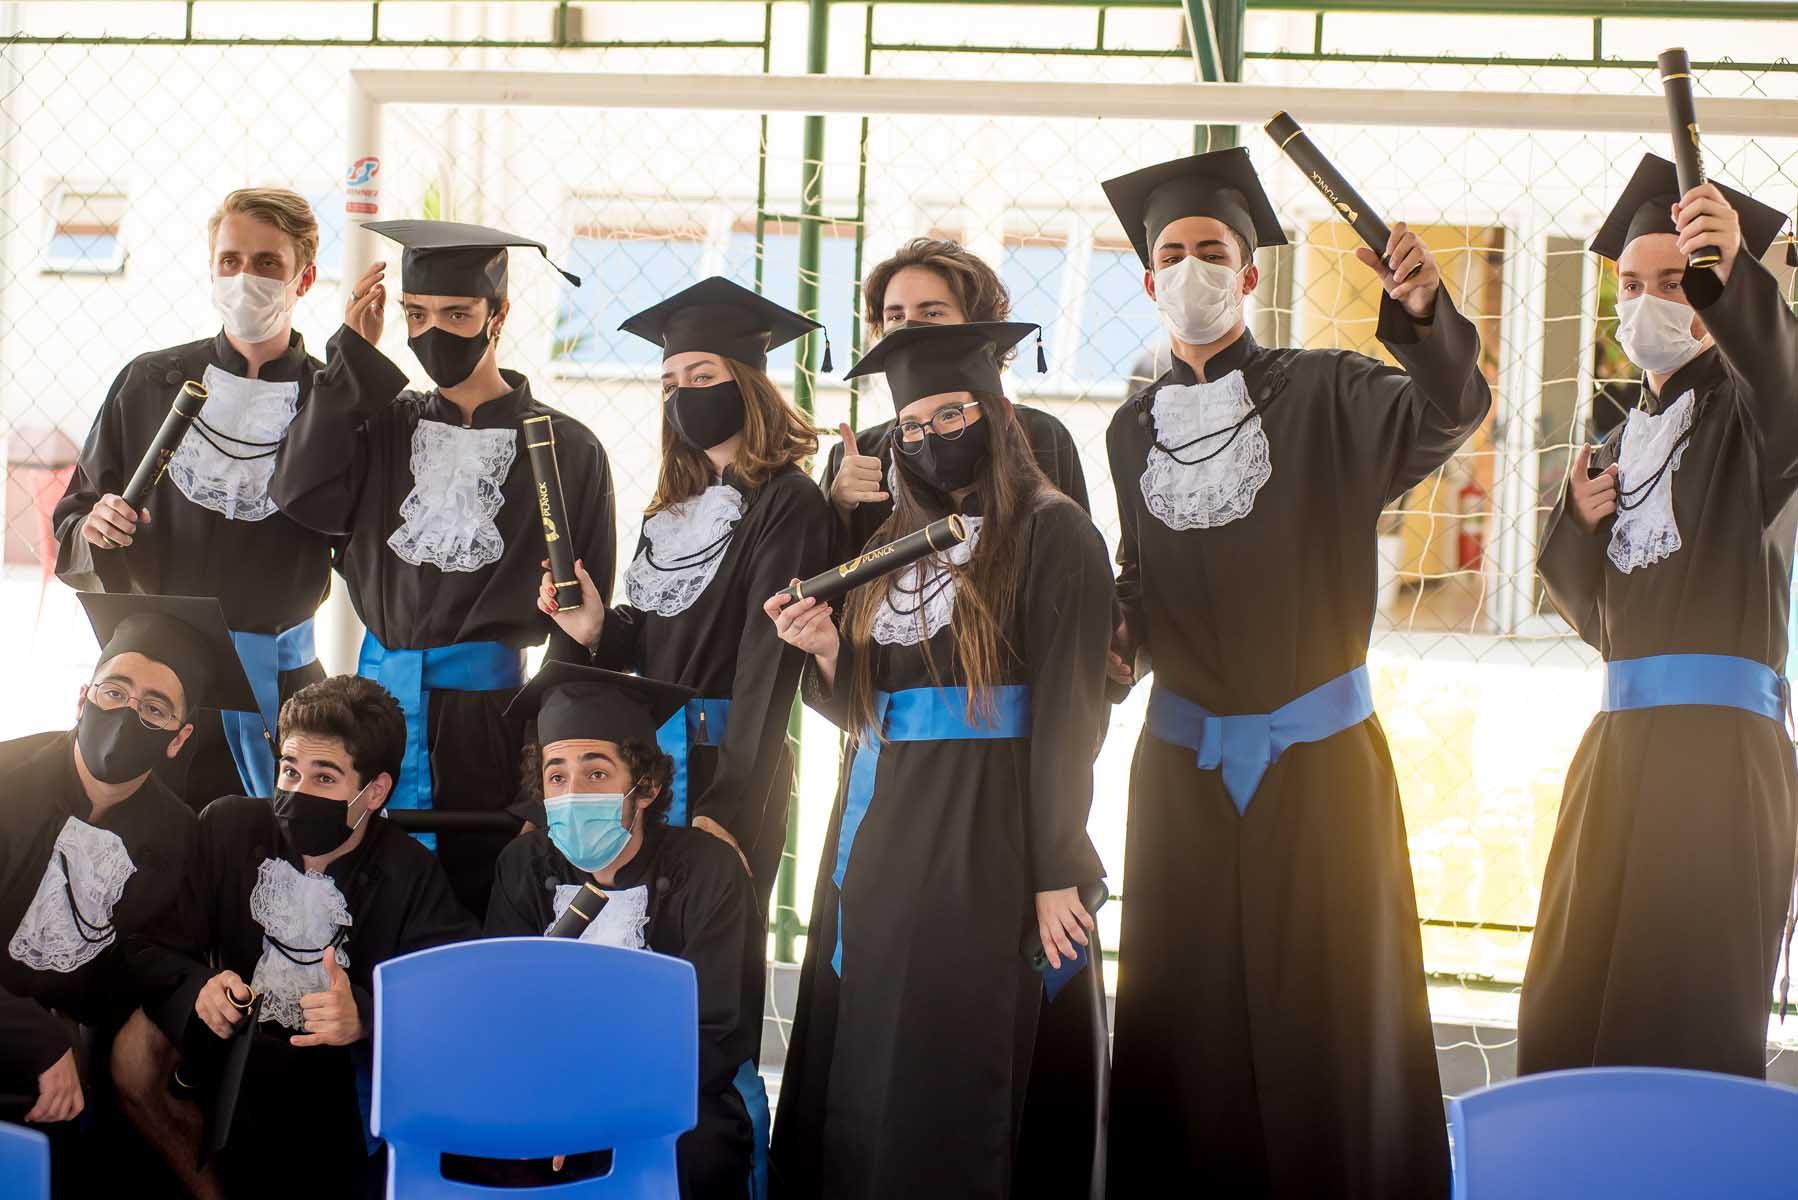 Colégio Planck - Formatura dos alunos do Terceiro Ano em 2020